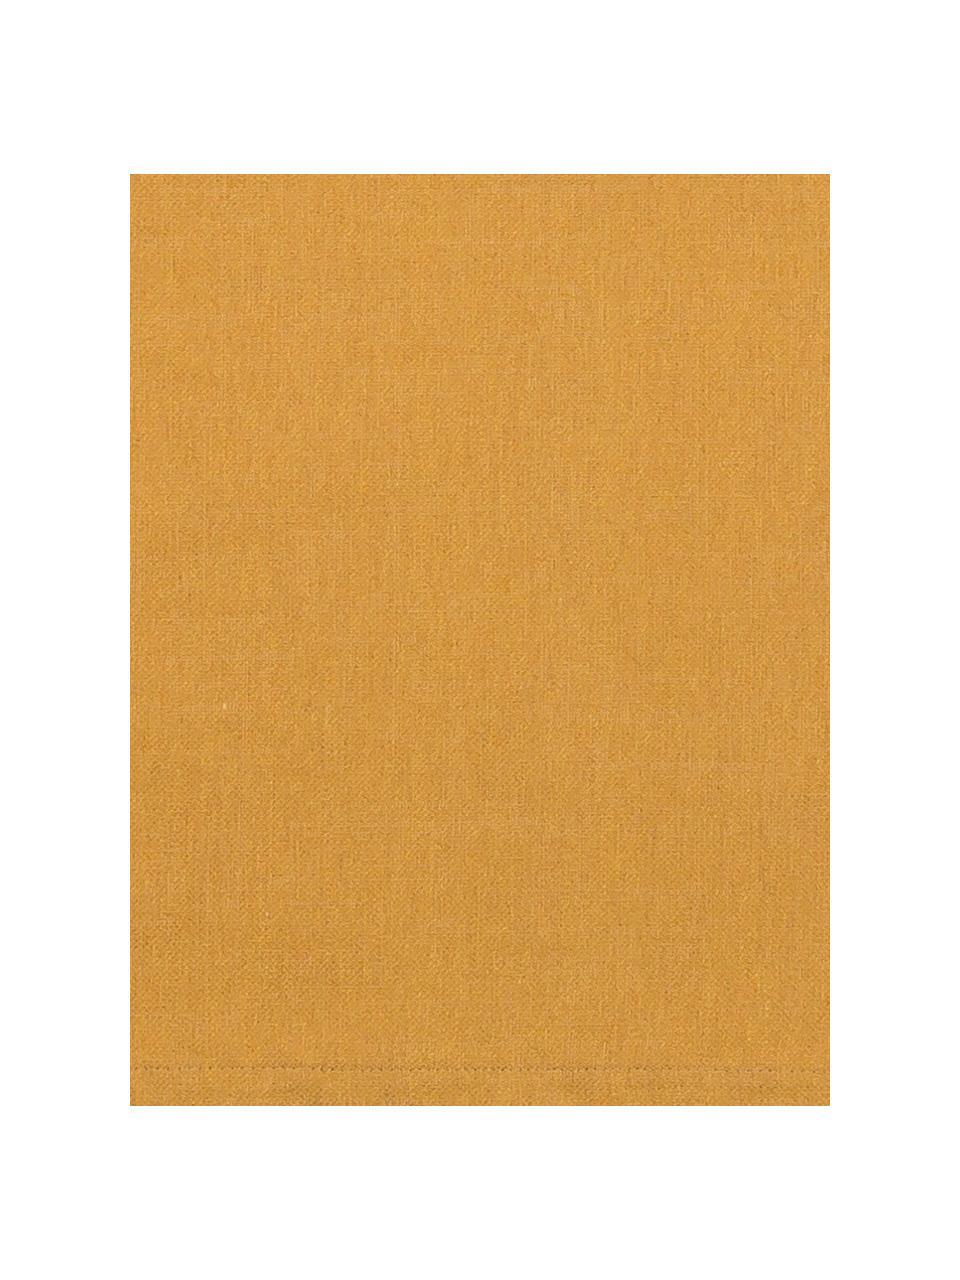 Tischläufer Riva aus Baumwollgemisch in Senfgelb, Webart: Jacquard, Senfgelb, 40 x 150 cm